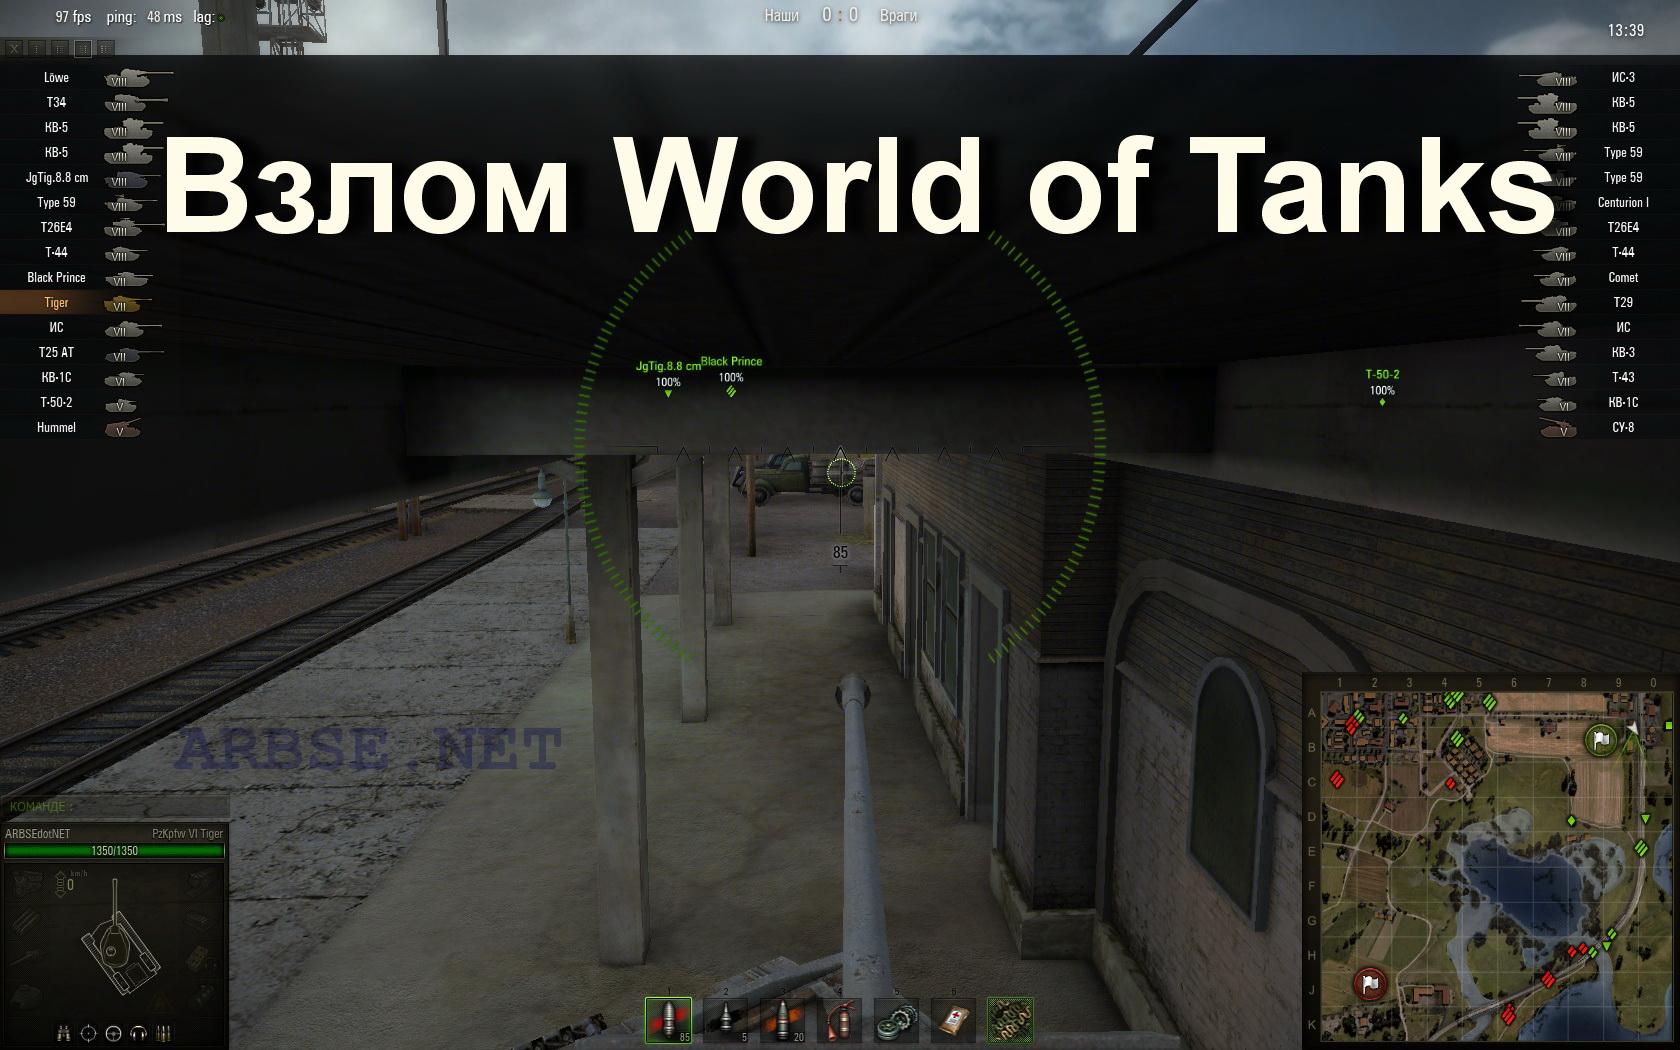 Взлом аккаунта Wot. . Взлом,брут аккаунтов World of Tanks(базы,прокси.